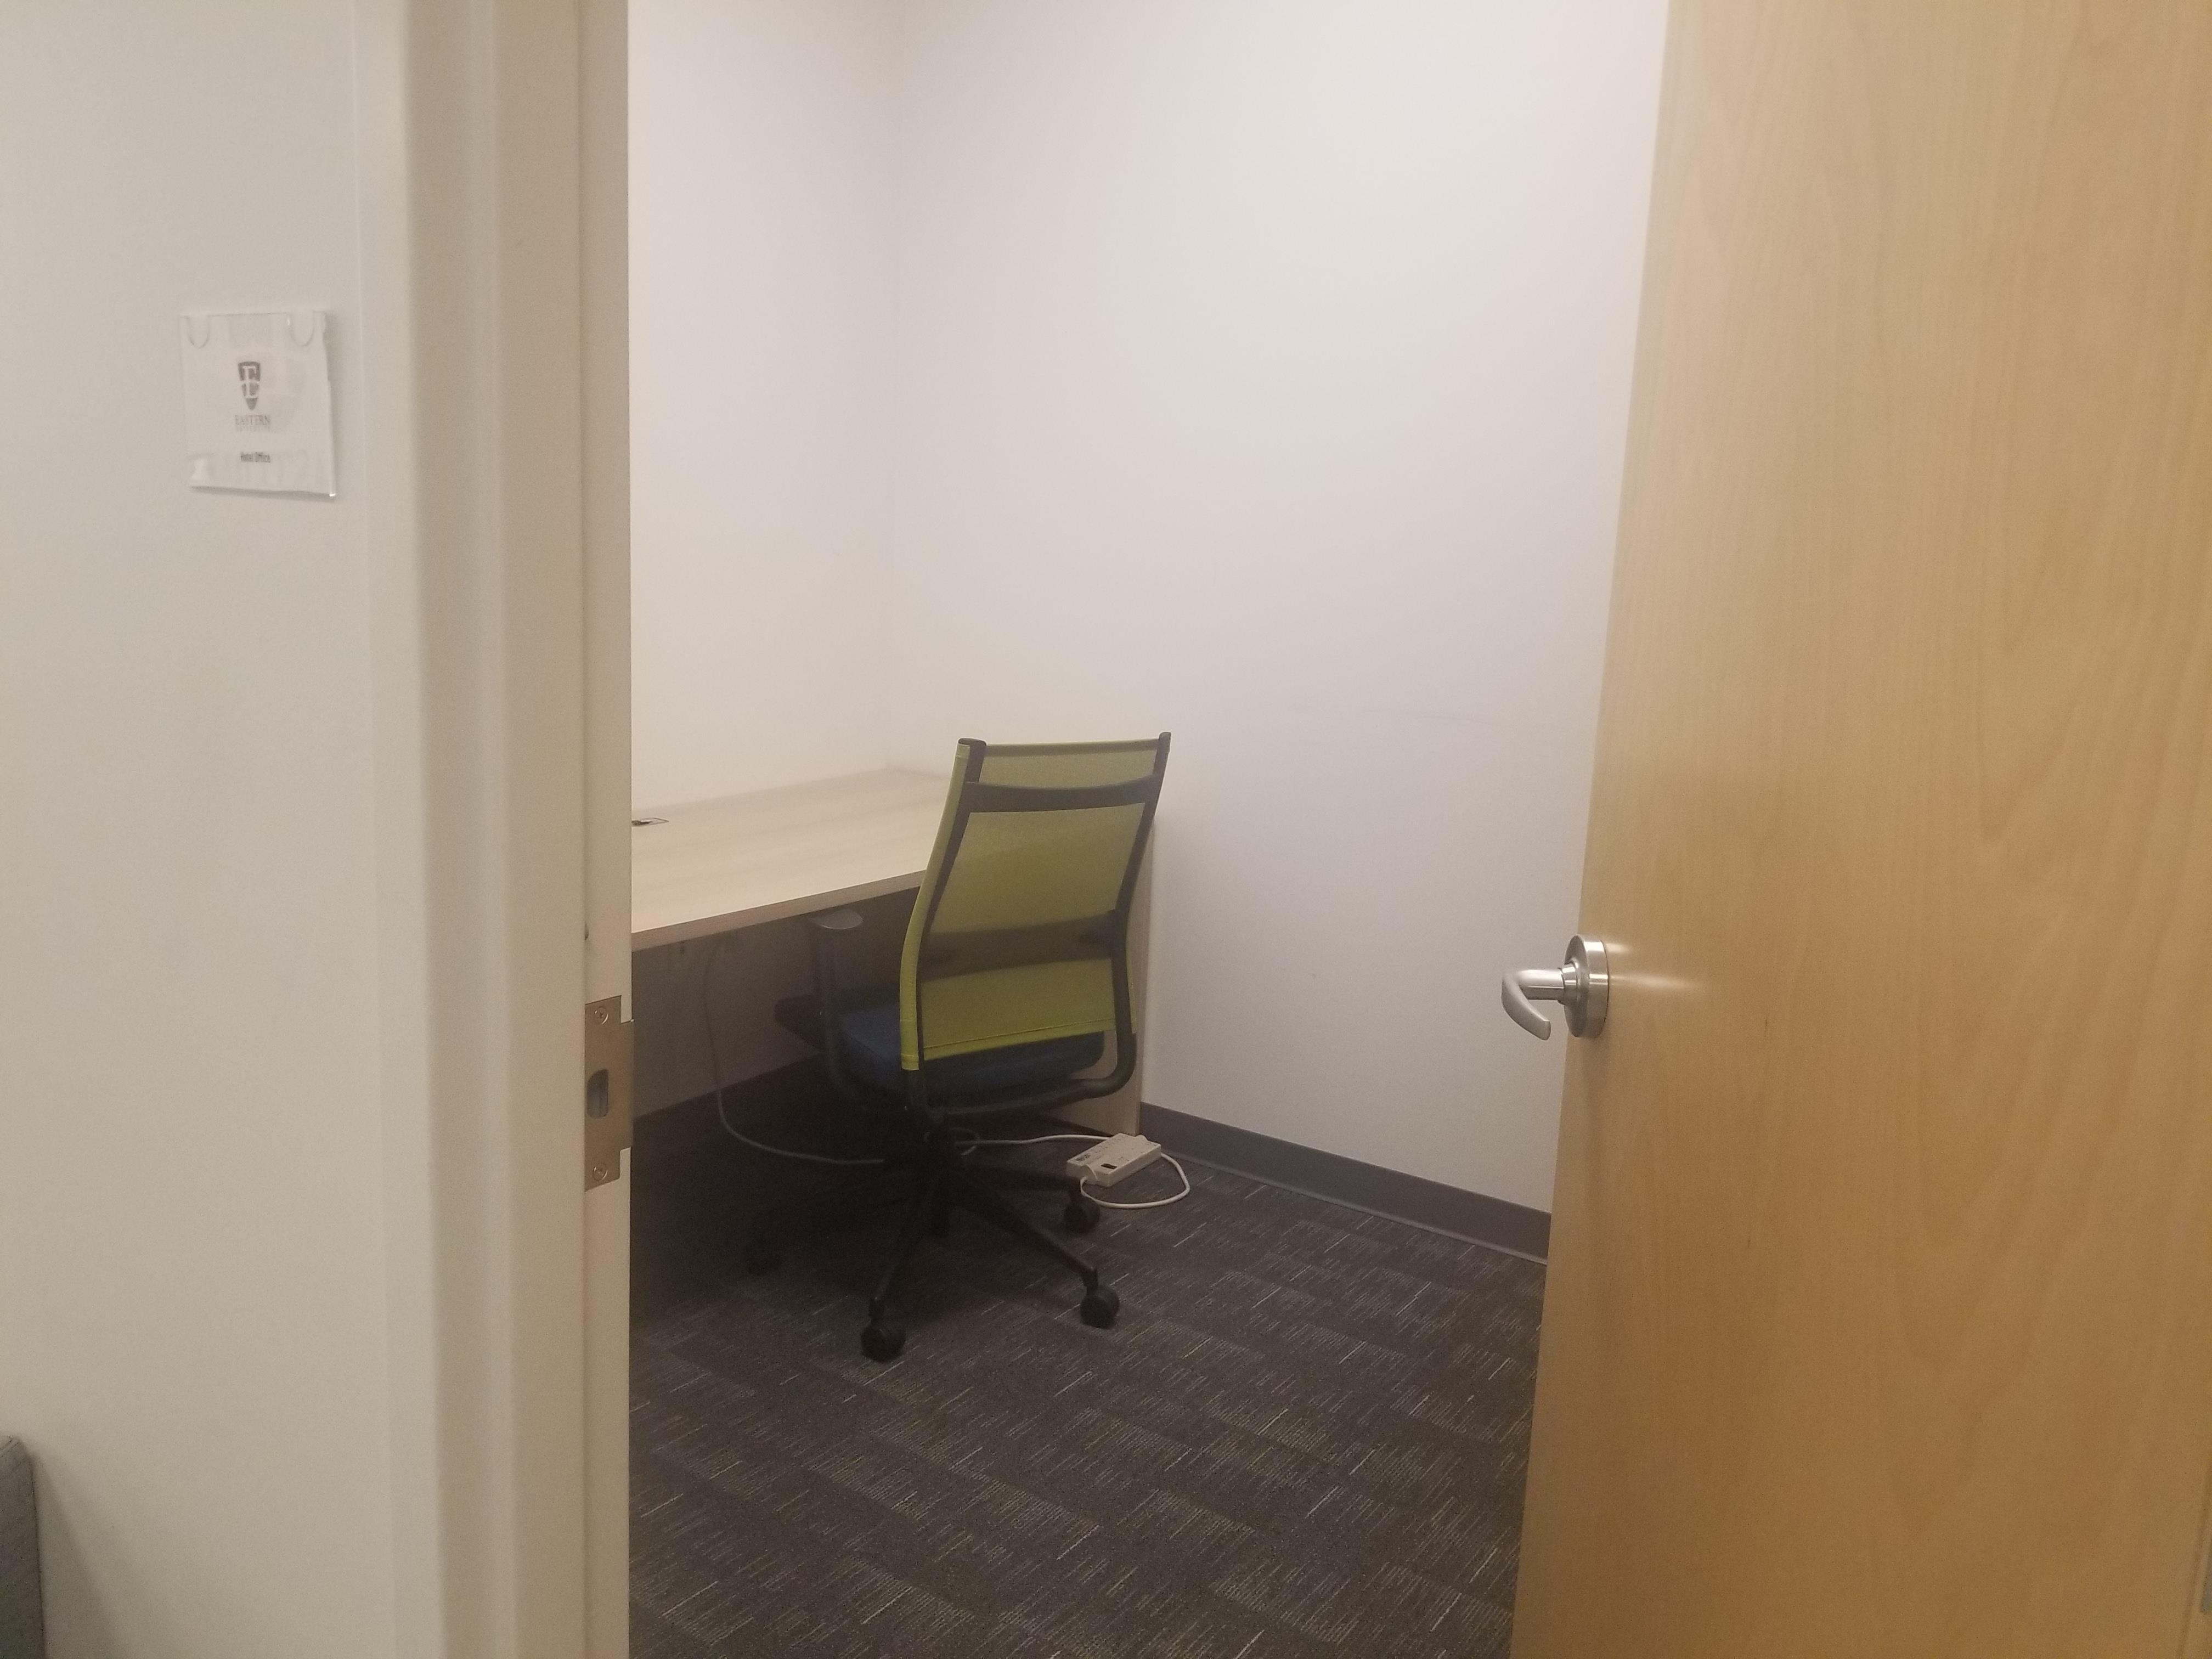 Eastern University Center City - Desk 1